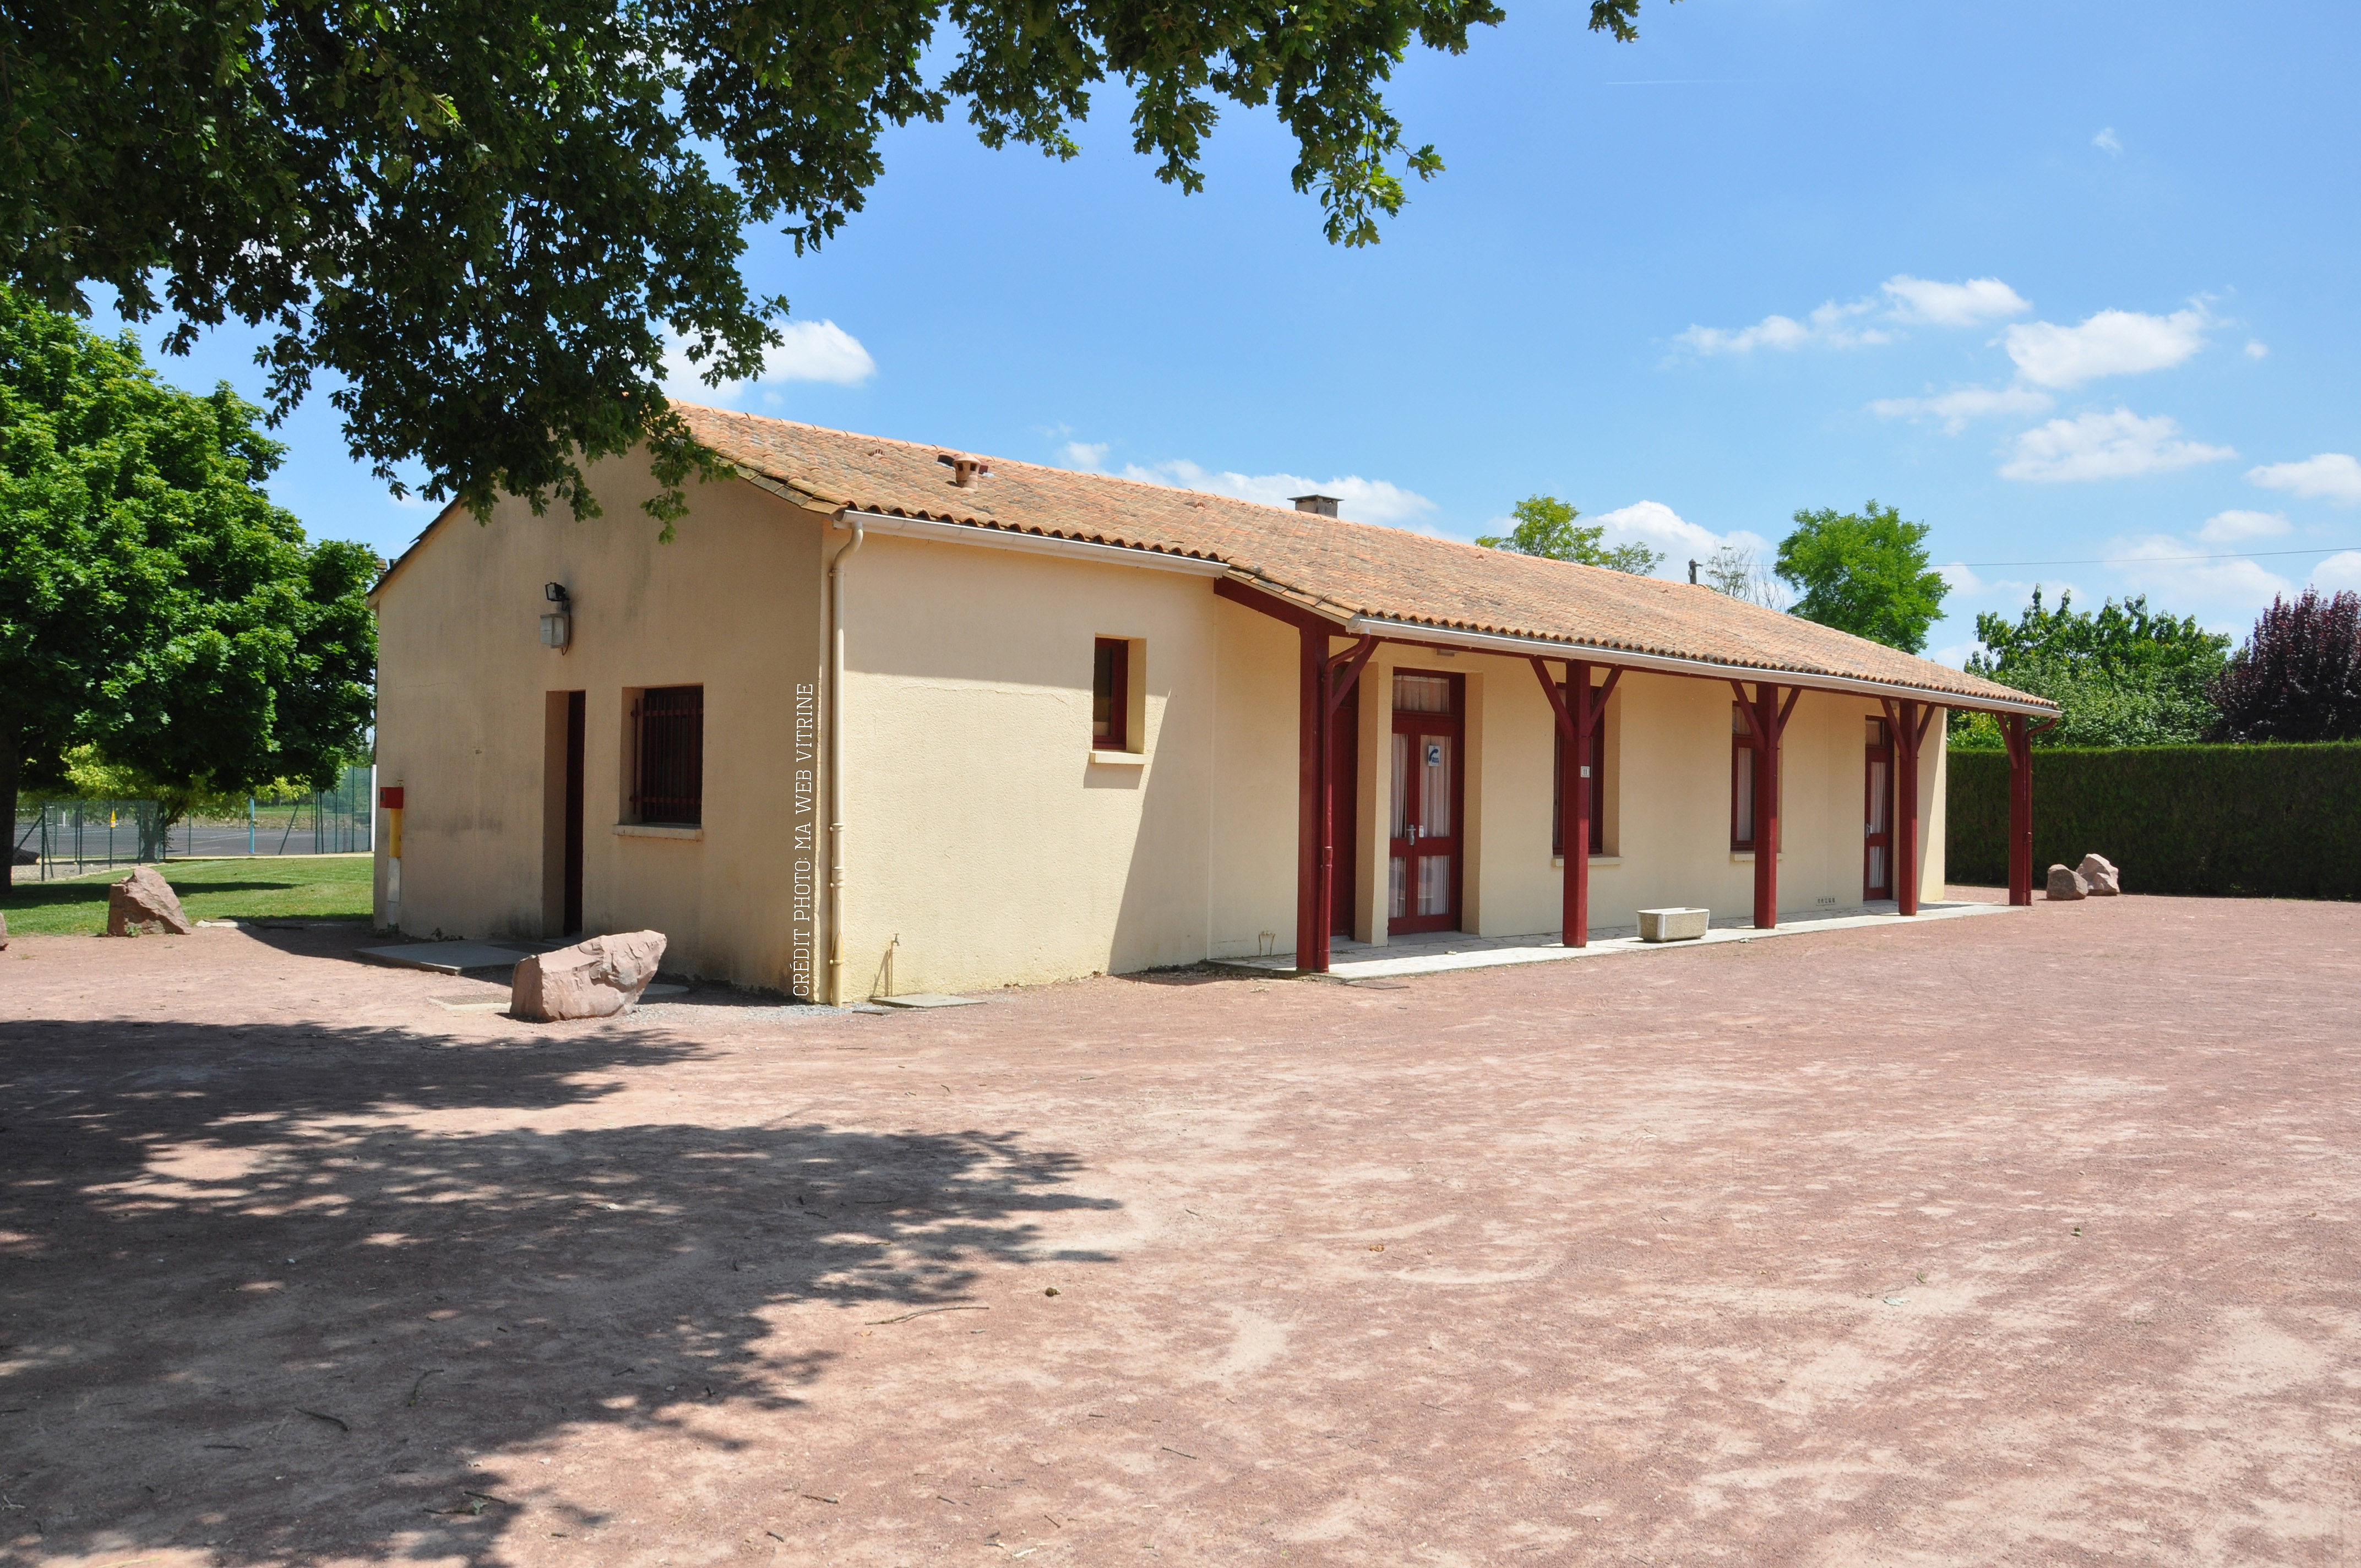 commune de cuhon 86110 mairie salle des fetes de cuhon